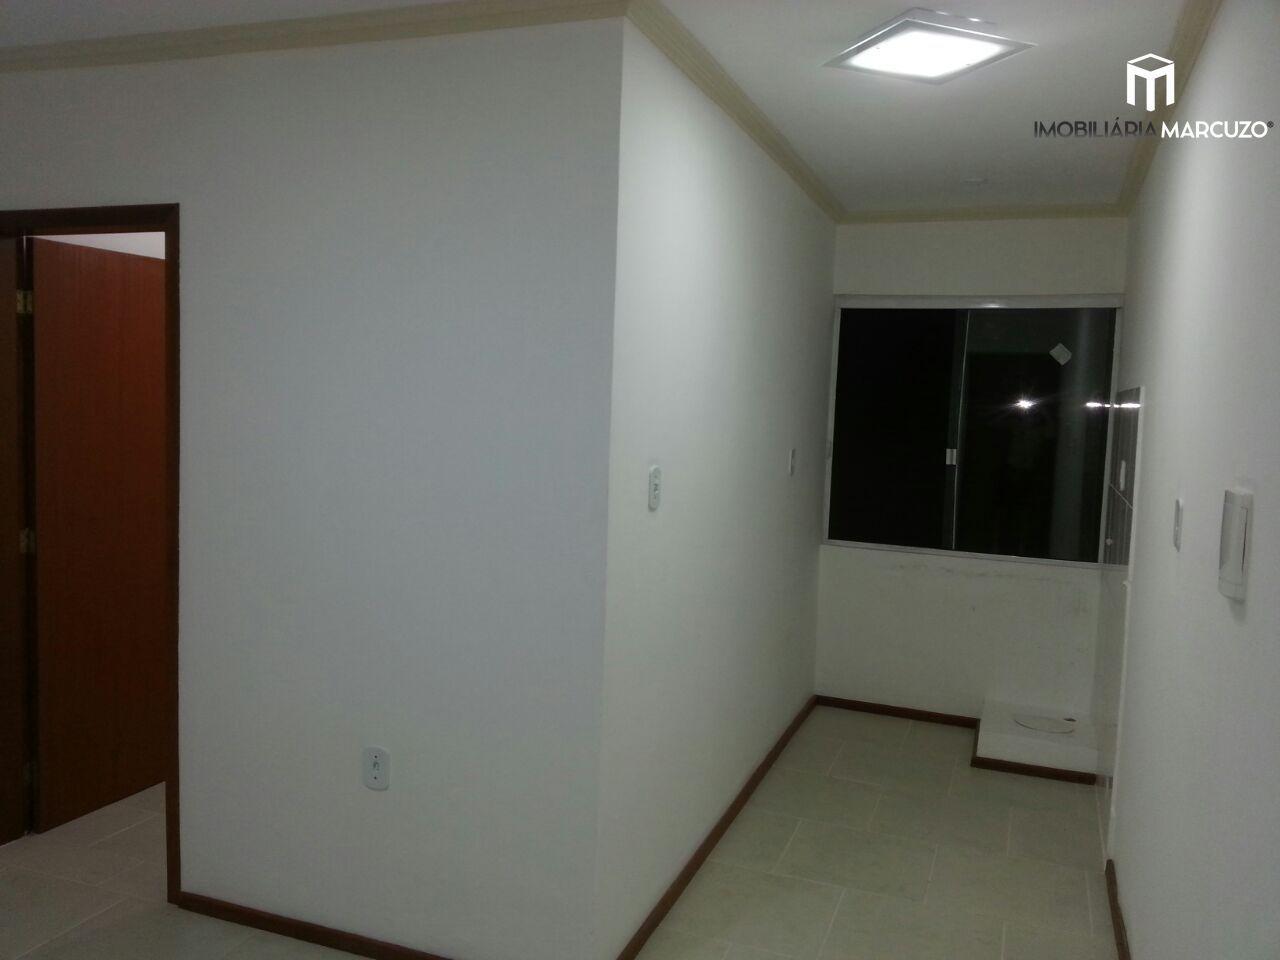 Apartamento com 2 Dormitórios à venda, 48 m² por R$ 180.000,00